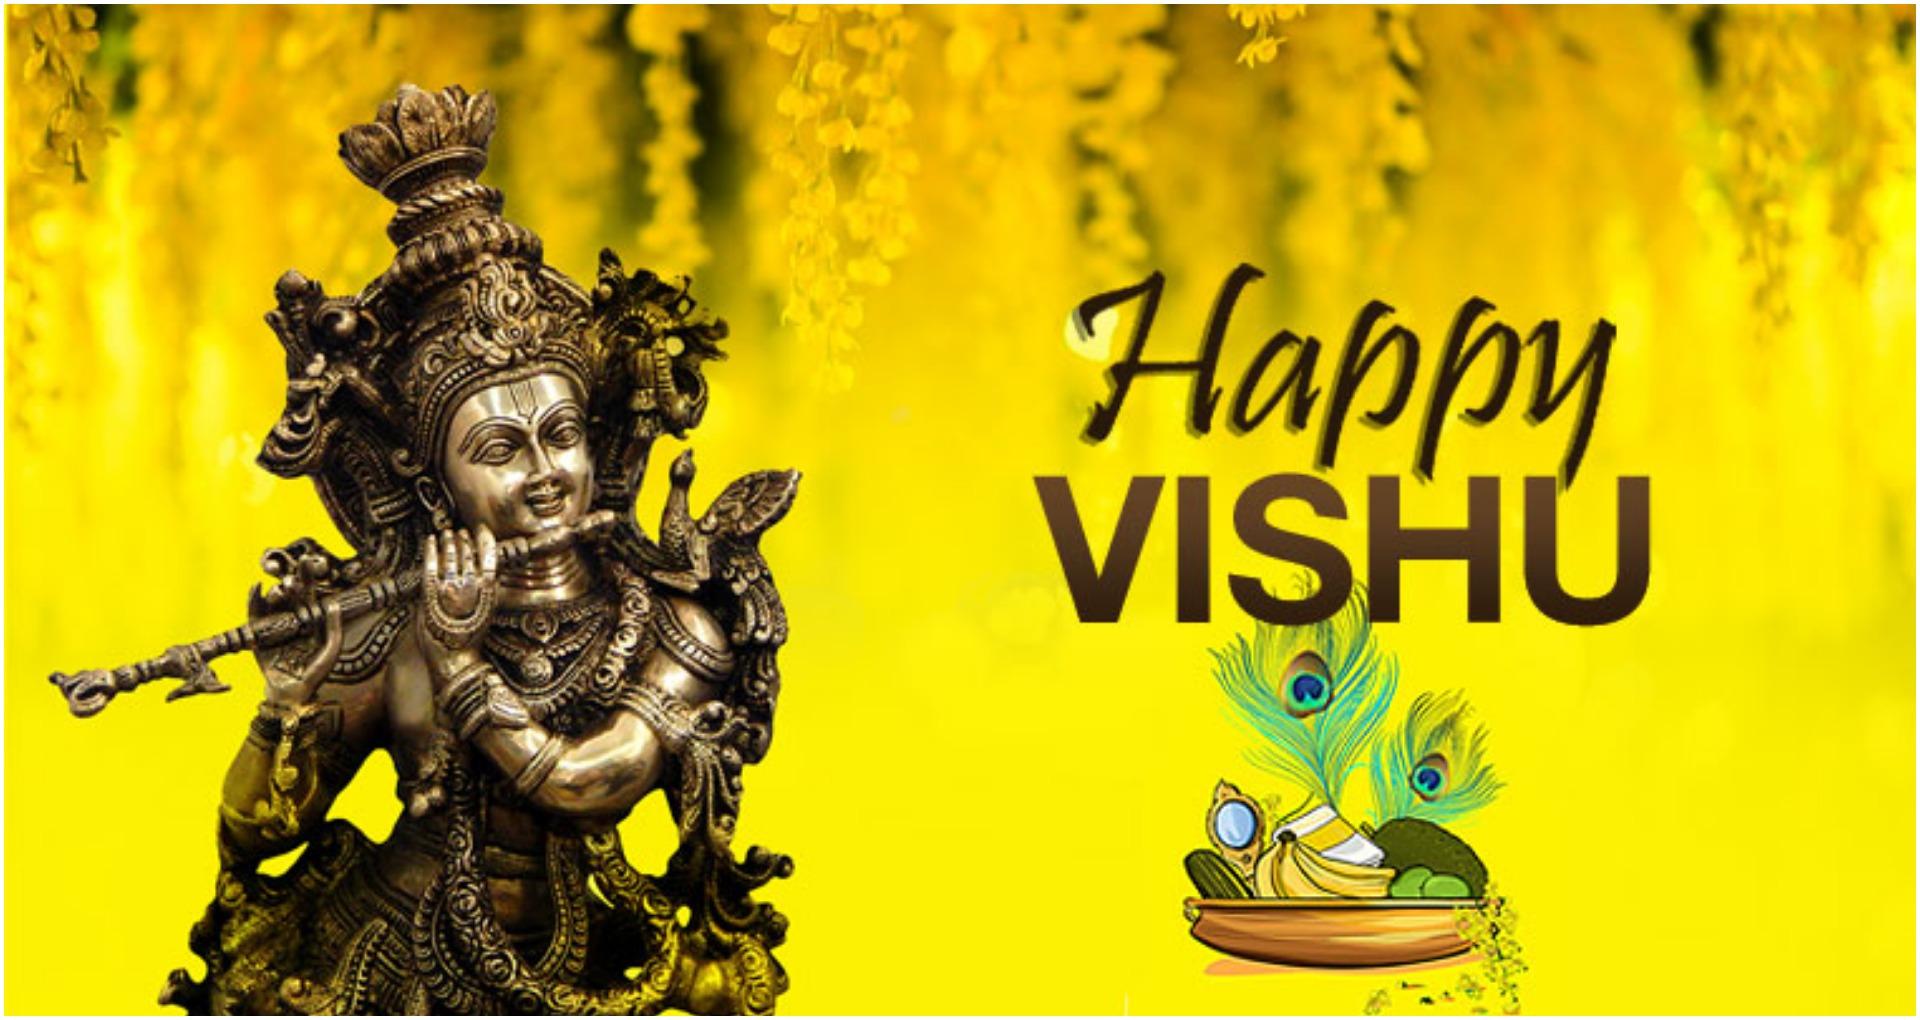 Happy Vishu 2020 Wishes Images: विशु के अवसर पर अपने दोस्तों और रिश्तेदारों को भेजें शुभकामना संदेश